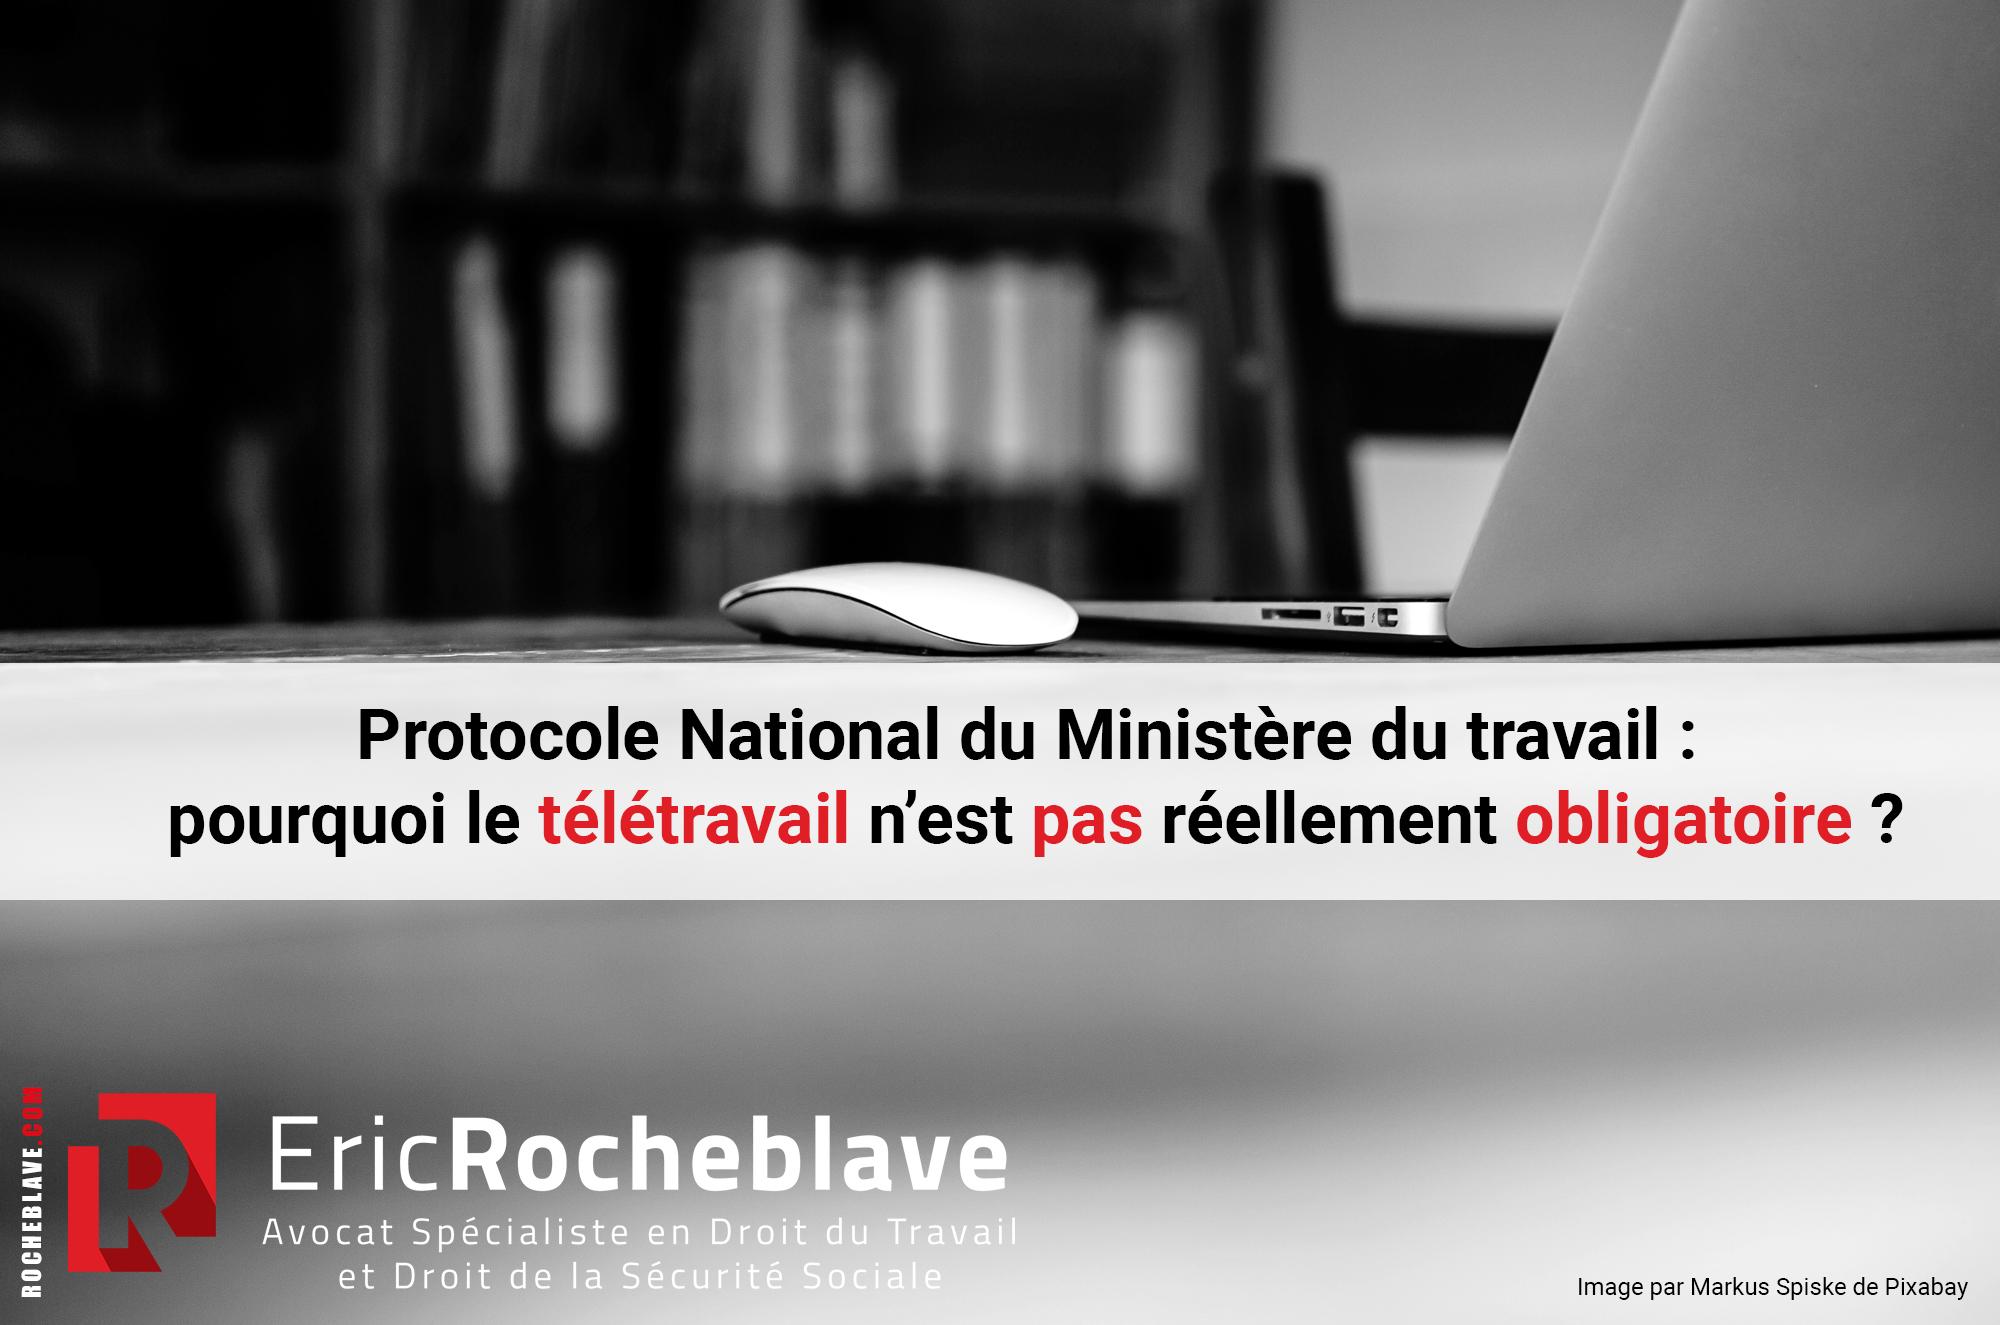 Protocole National du Ministère du travail : pourquoi le télétravail n'est pas réellement obligatoire ?